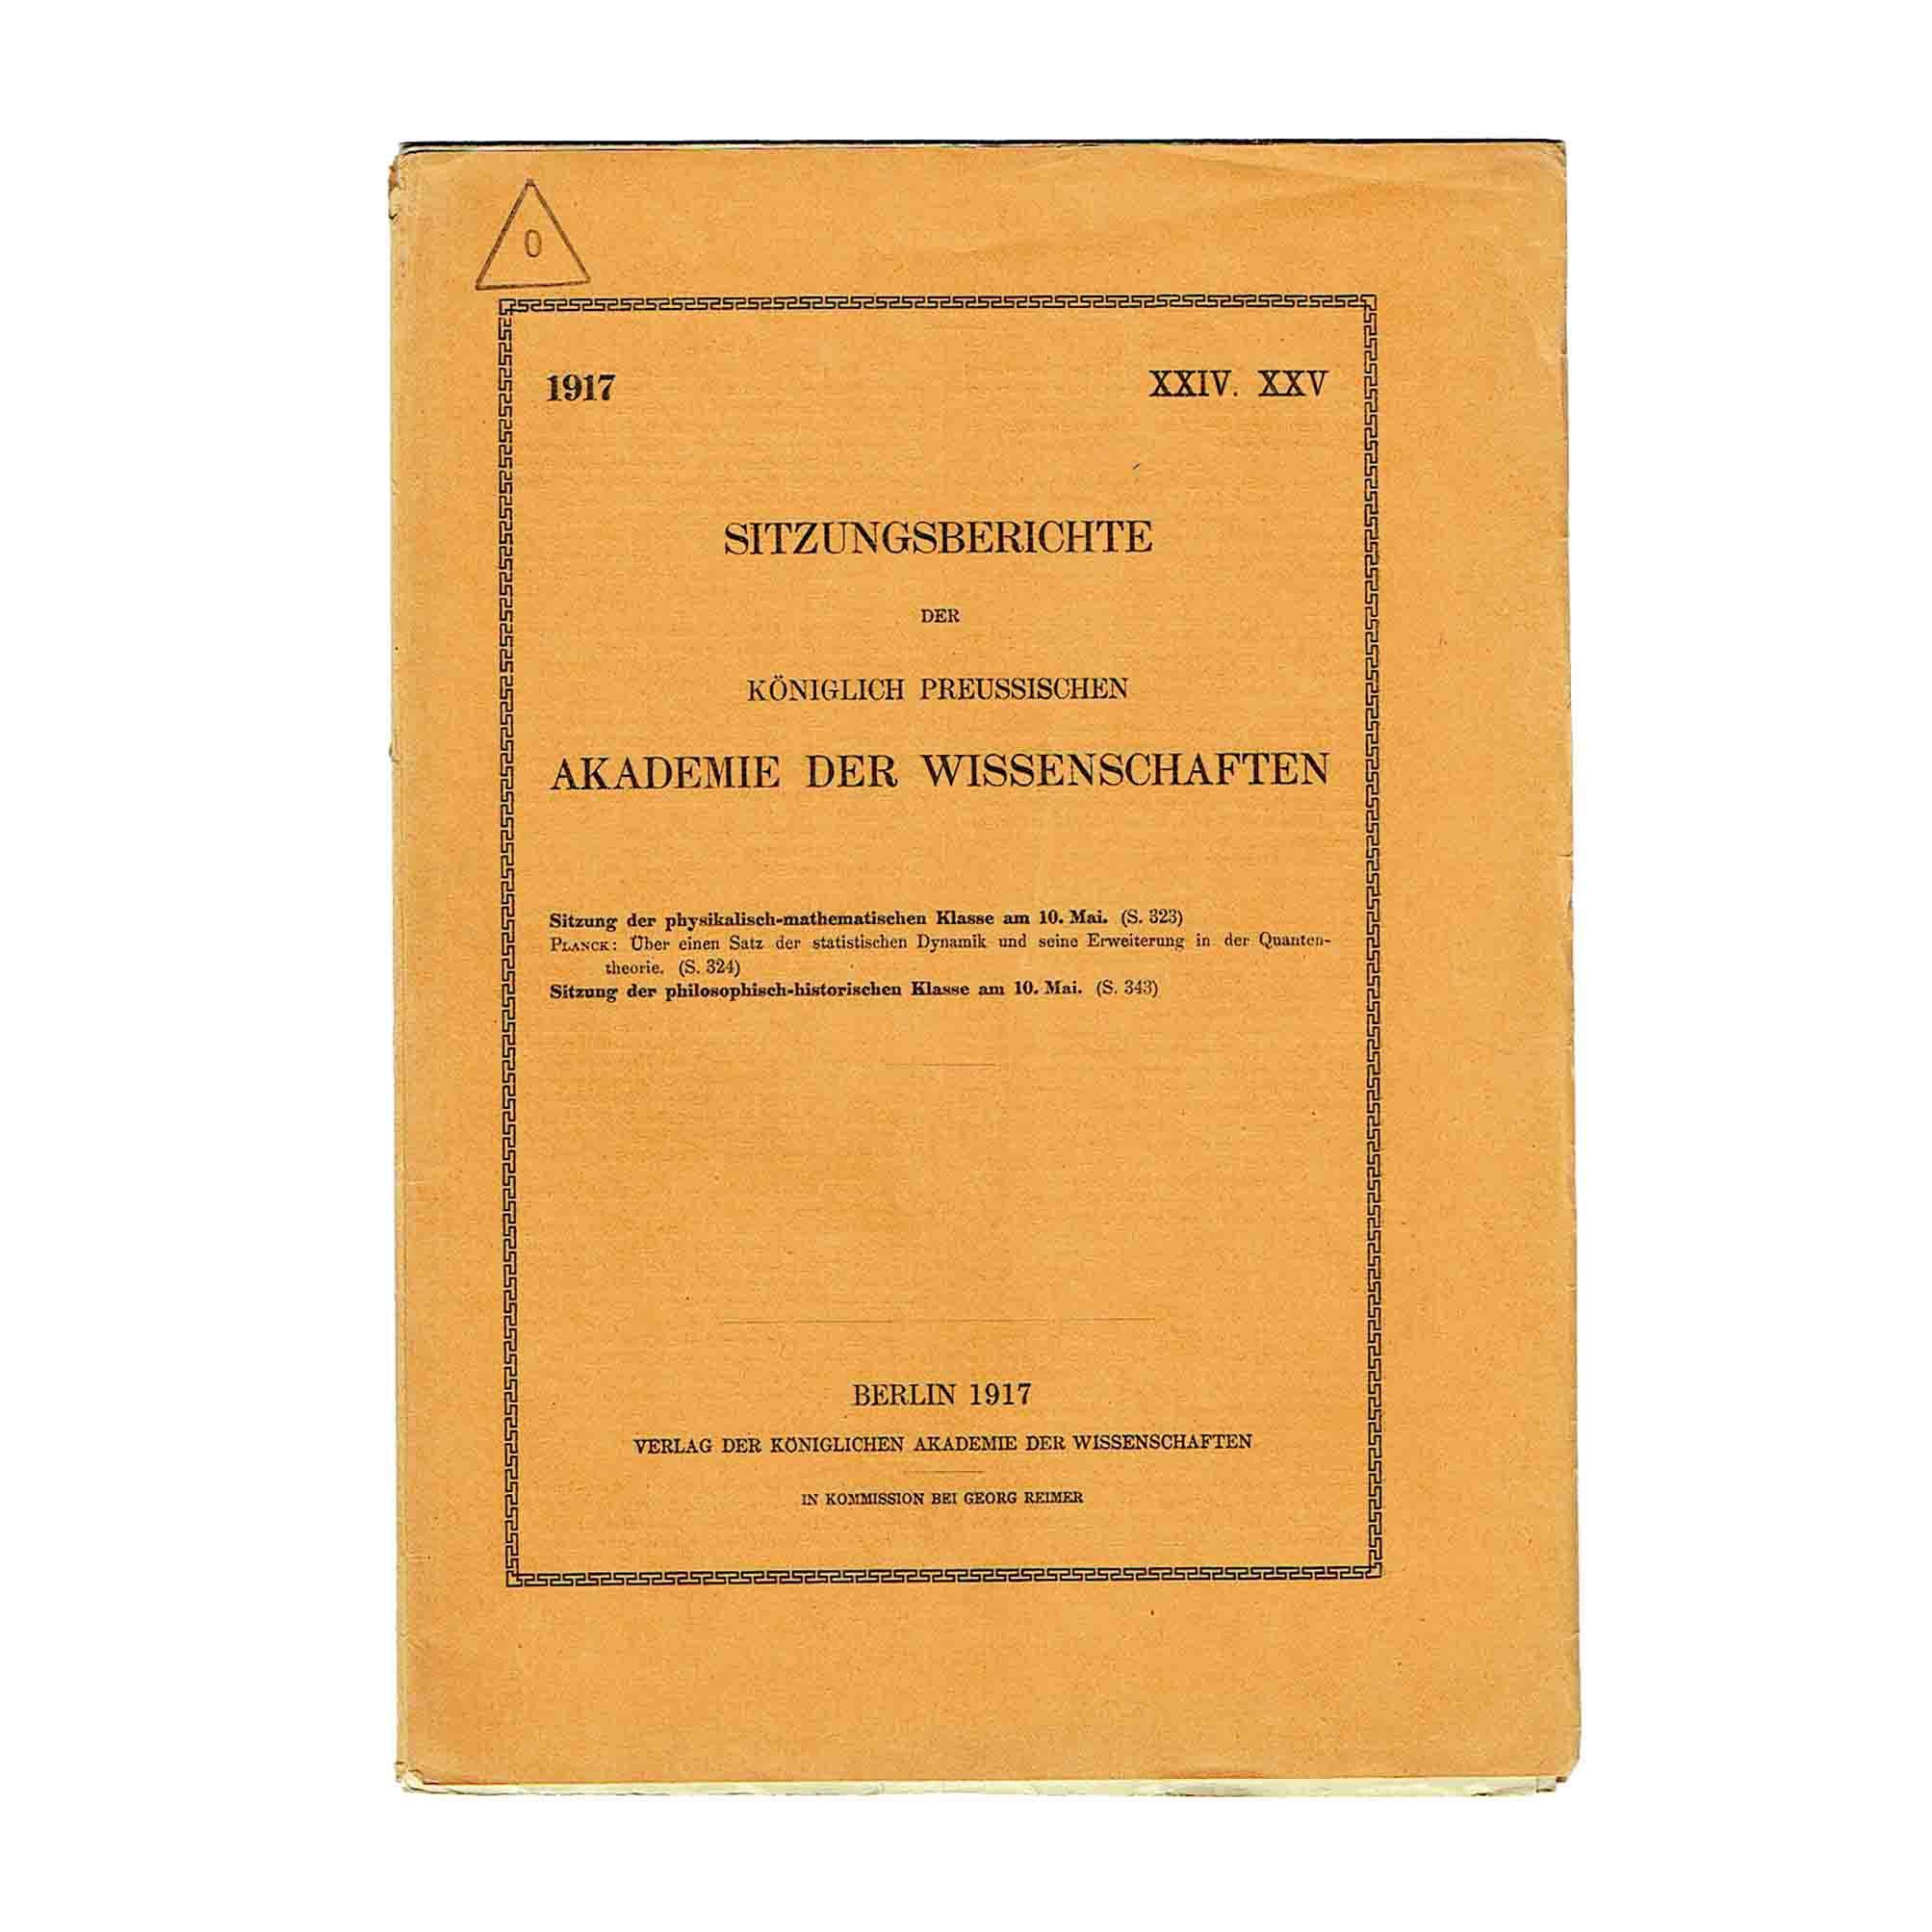 5812K Planck Satz Dynamik Quantentheorie 1917 Cover recto A N